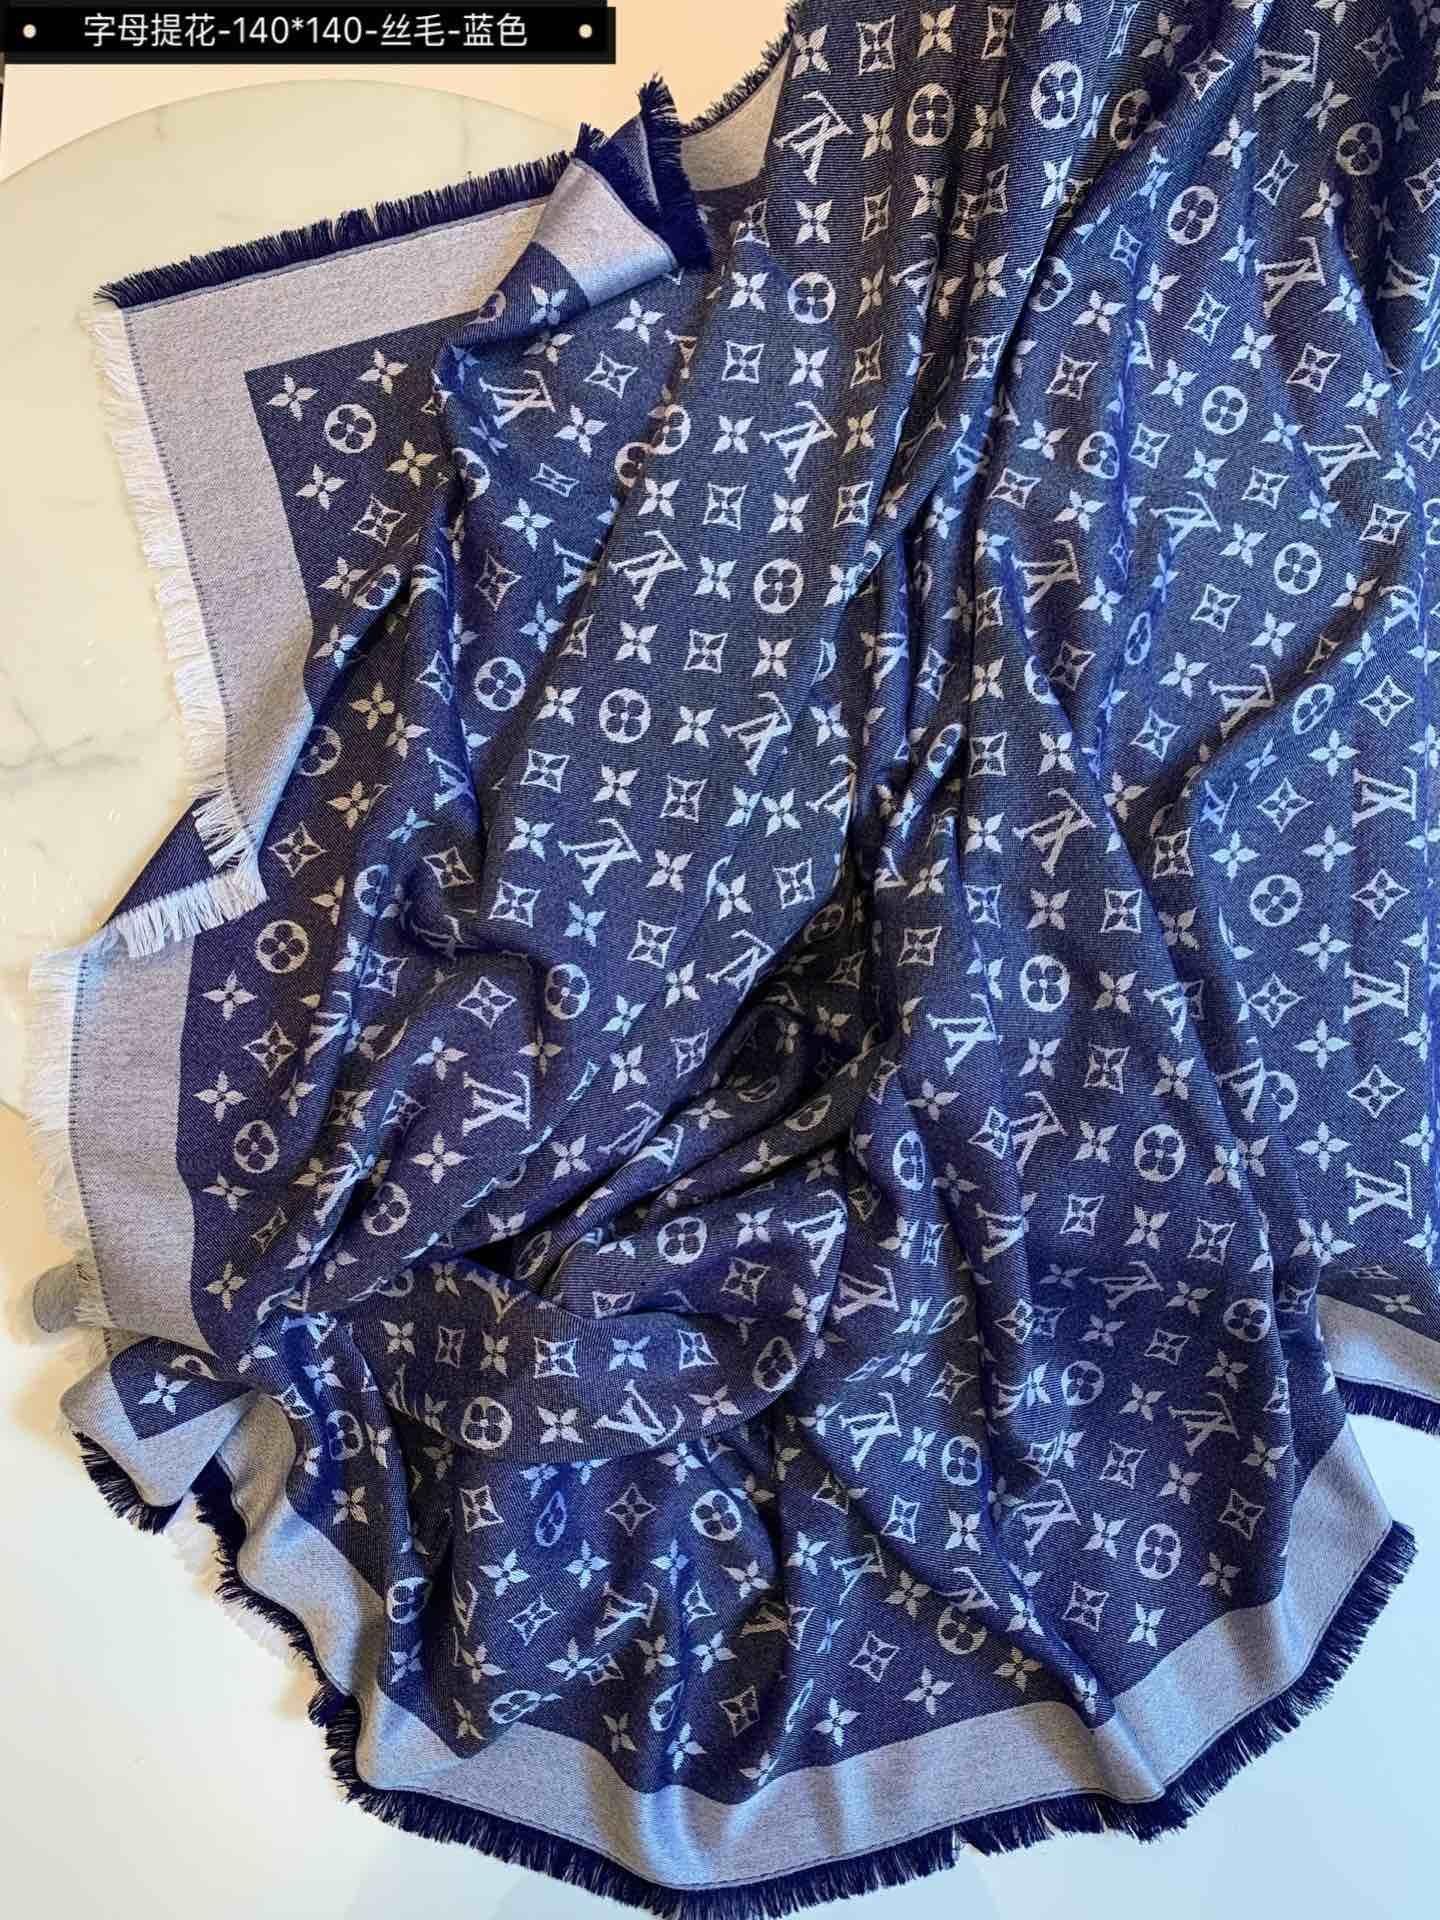 赠送全套豪华包装品名:字母提花面料丝